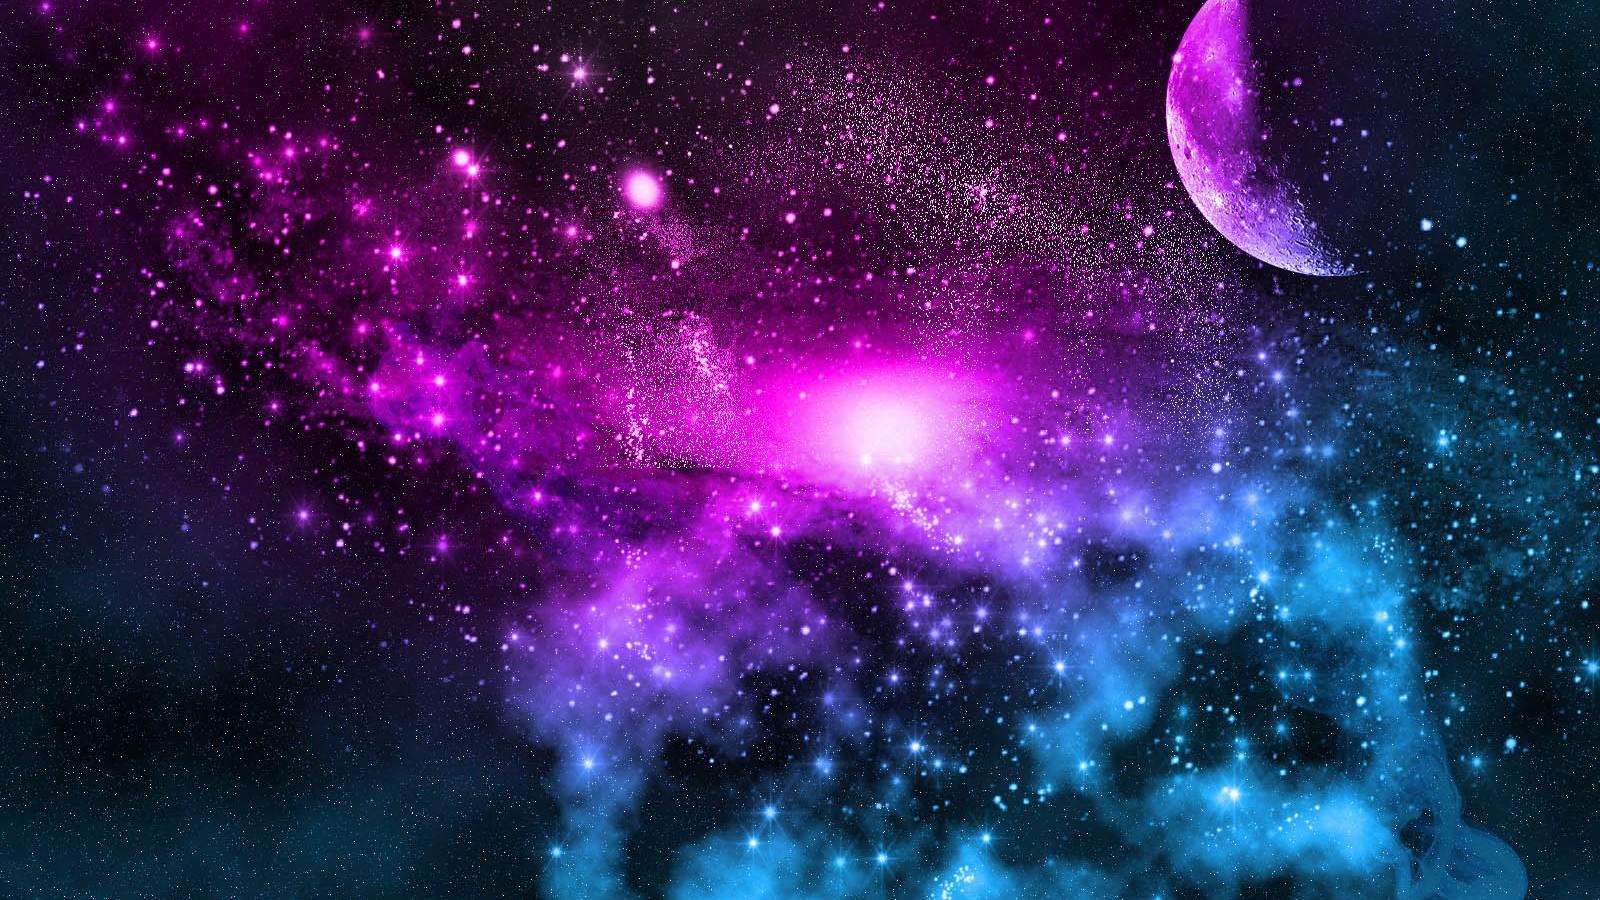 Galaxy Desktop Wallpaper 36841 Baltana